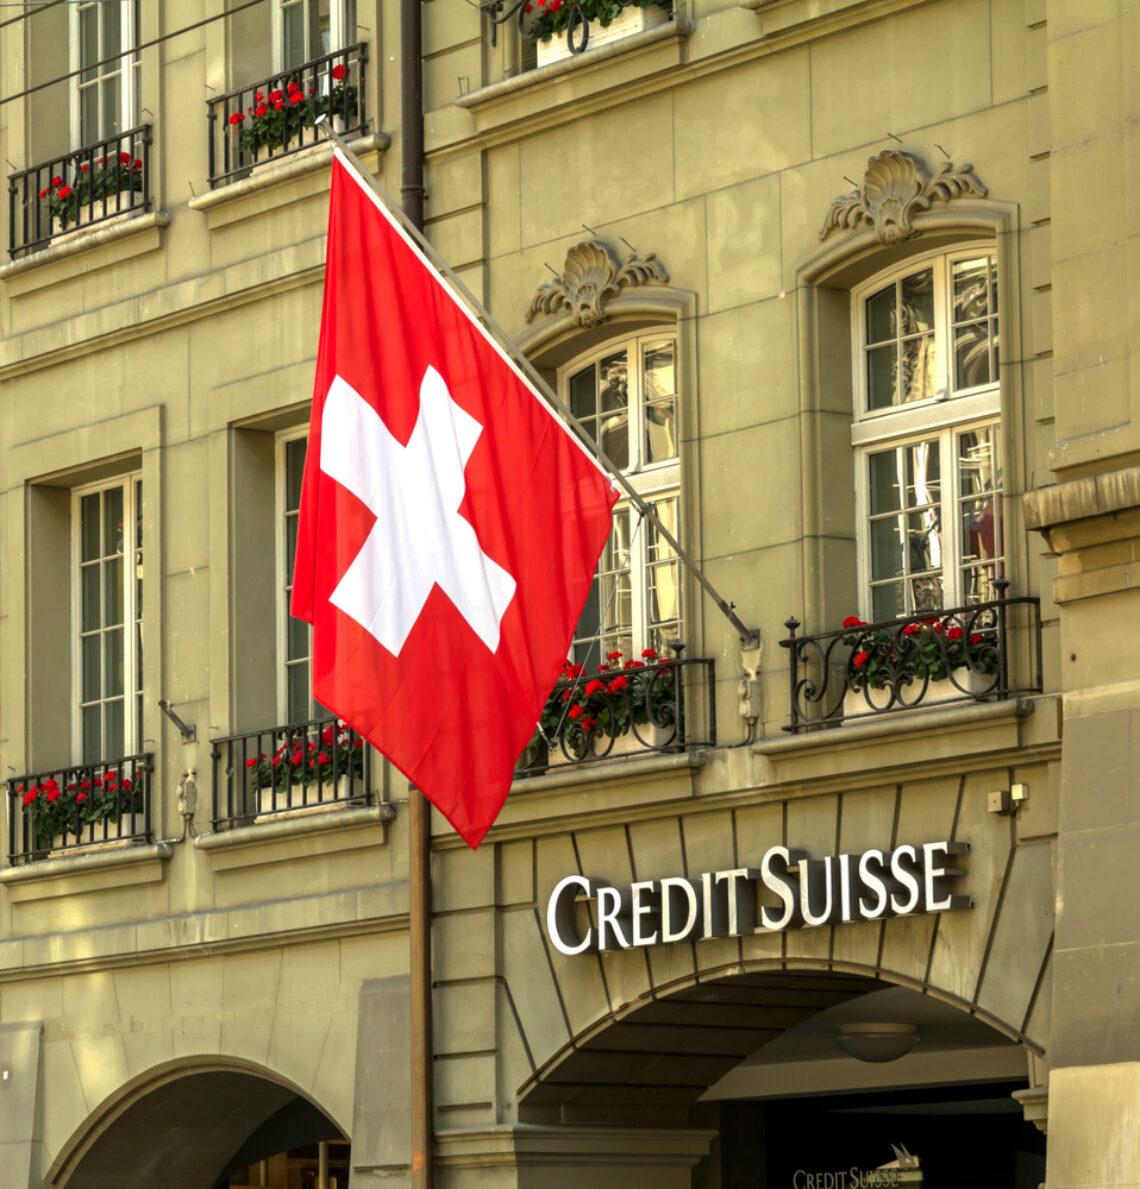 Afbeelding voor Telegraaf: 'Credit Suisse deelt gegevens zwartspaarder met fiscus'